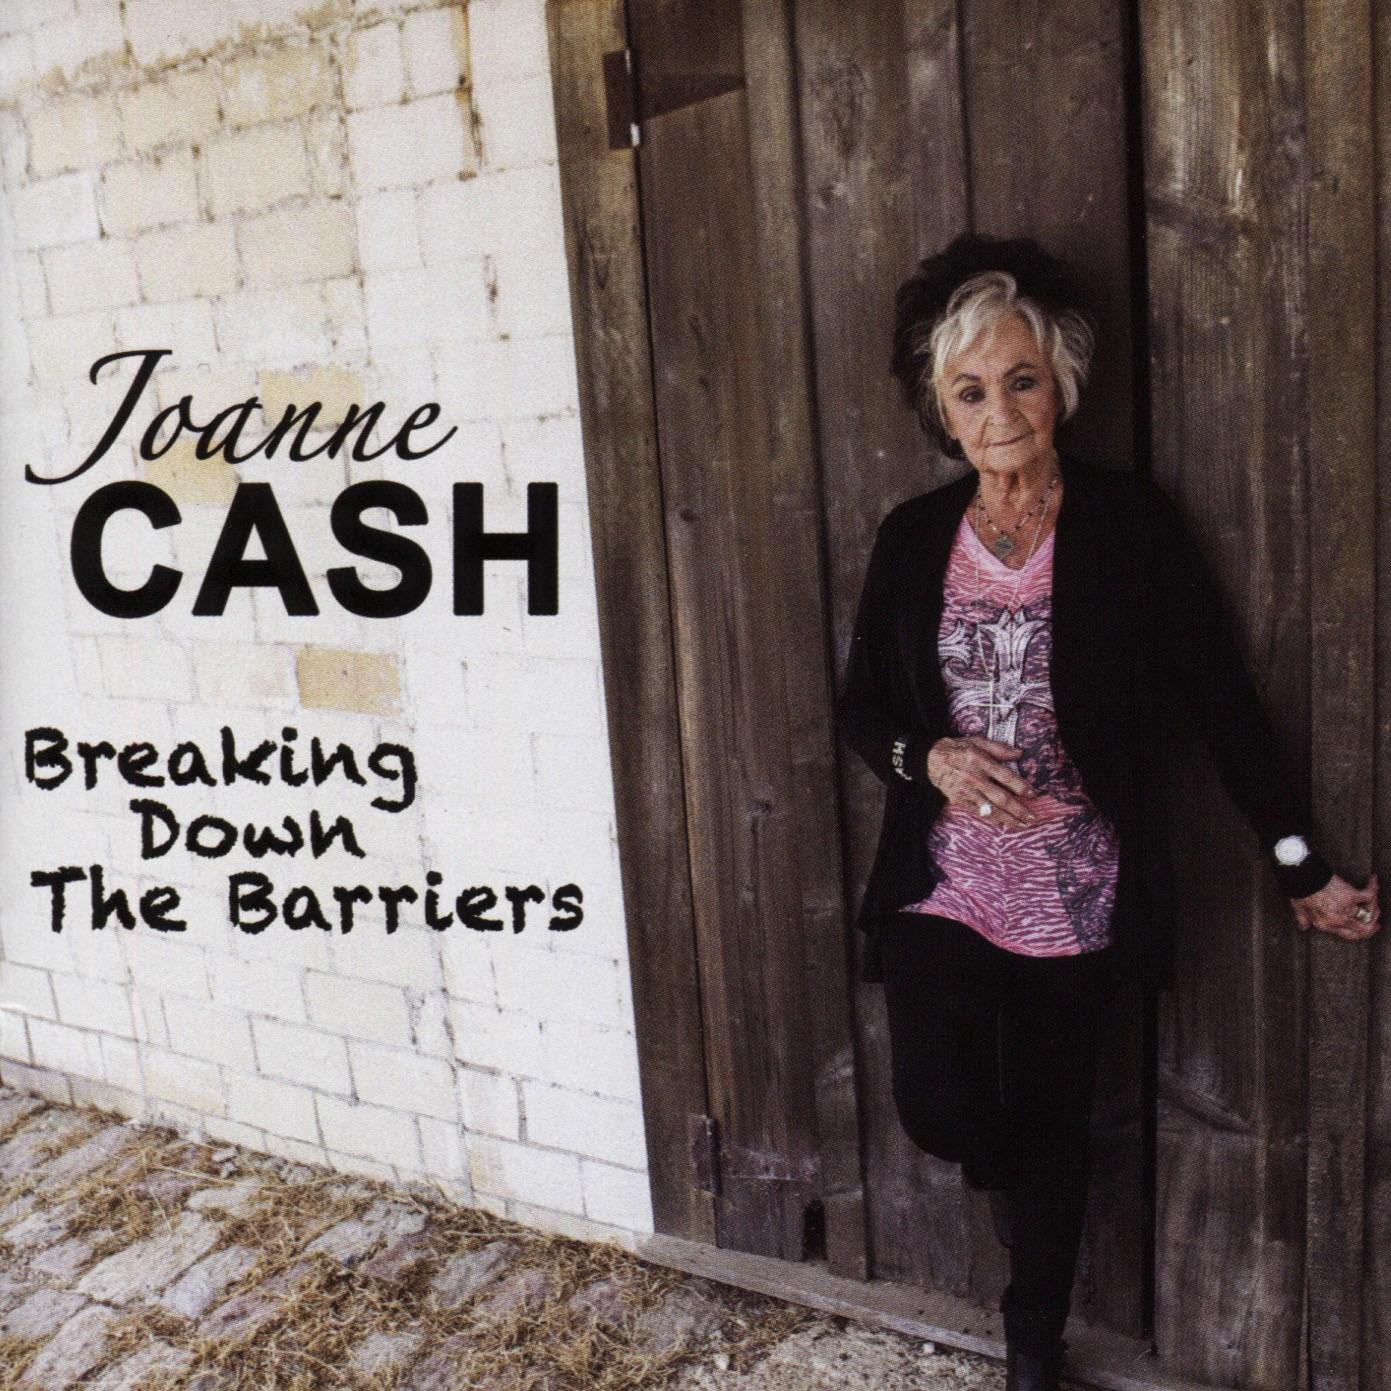 Joanne Cash: Breaking Down the Barriers